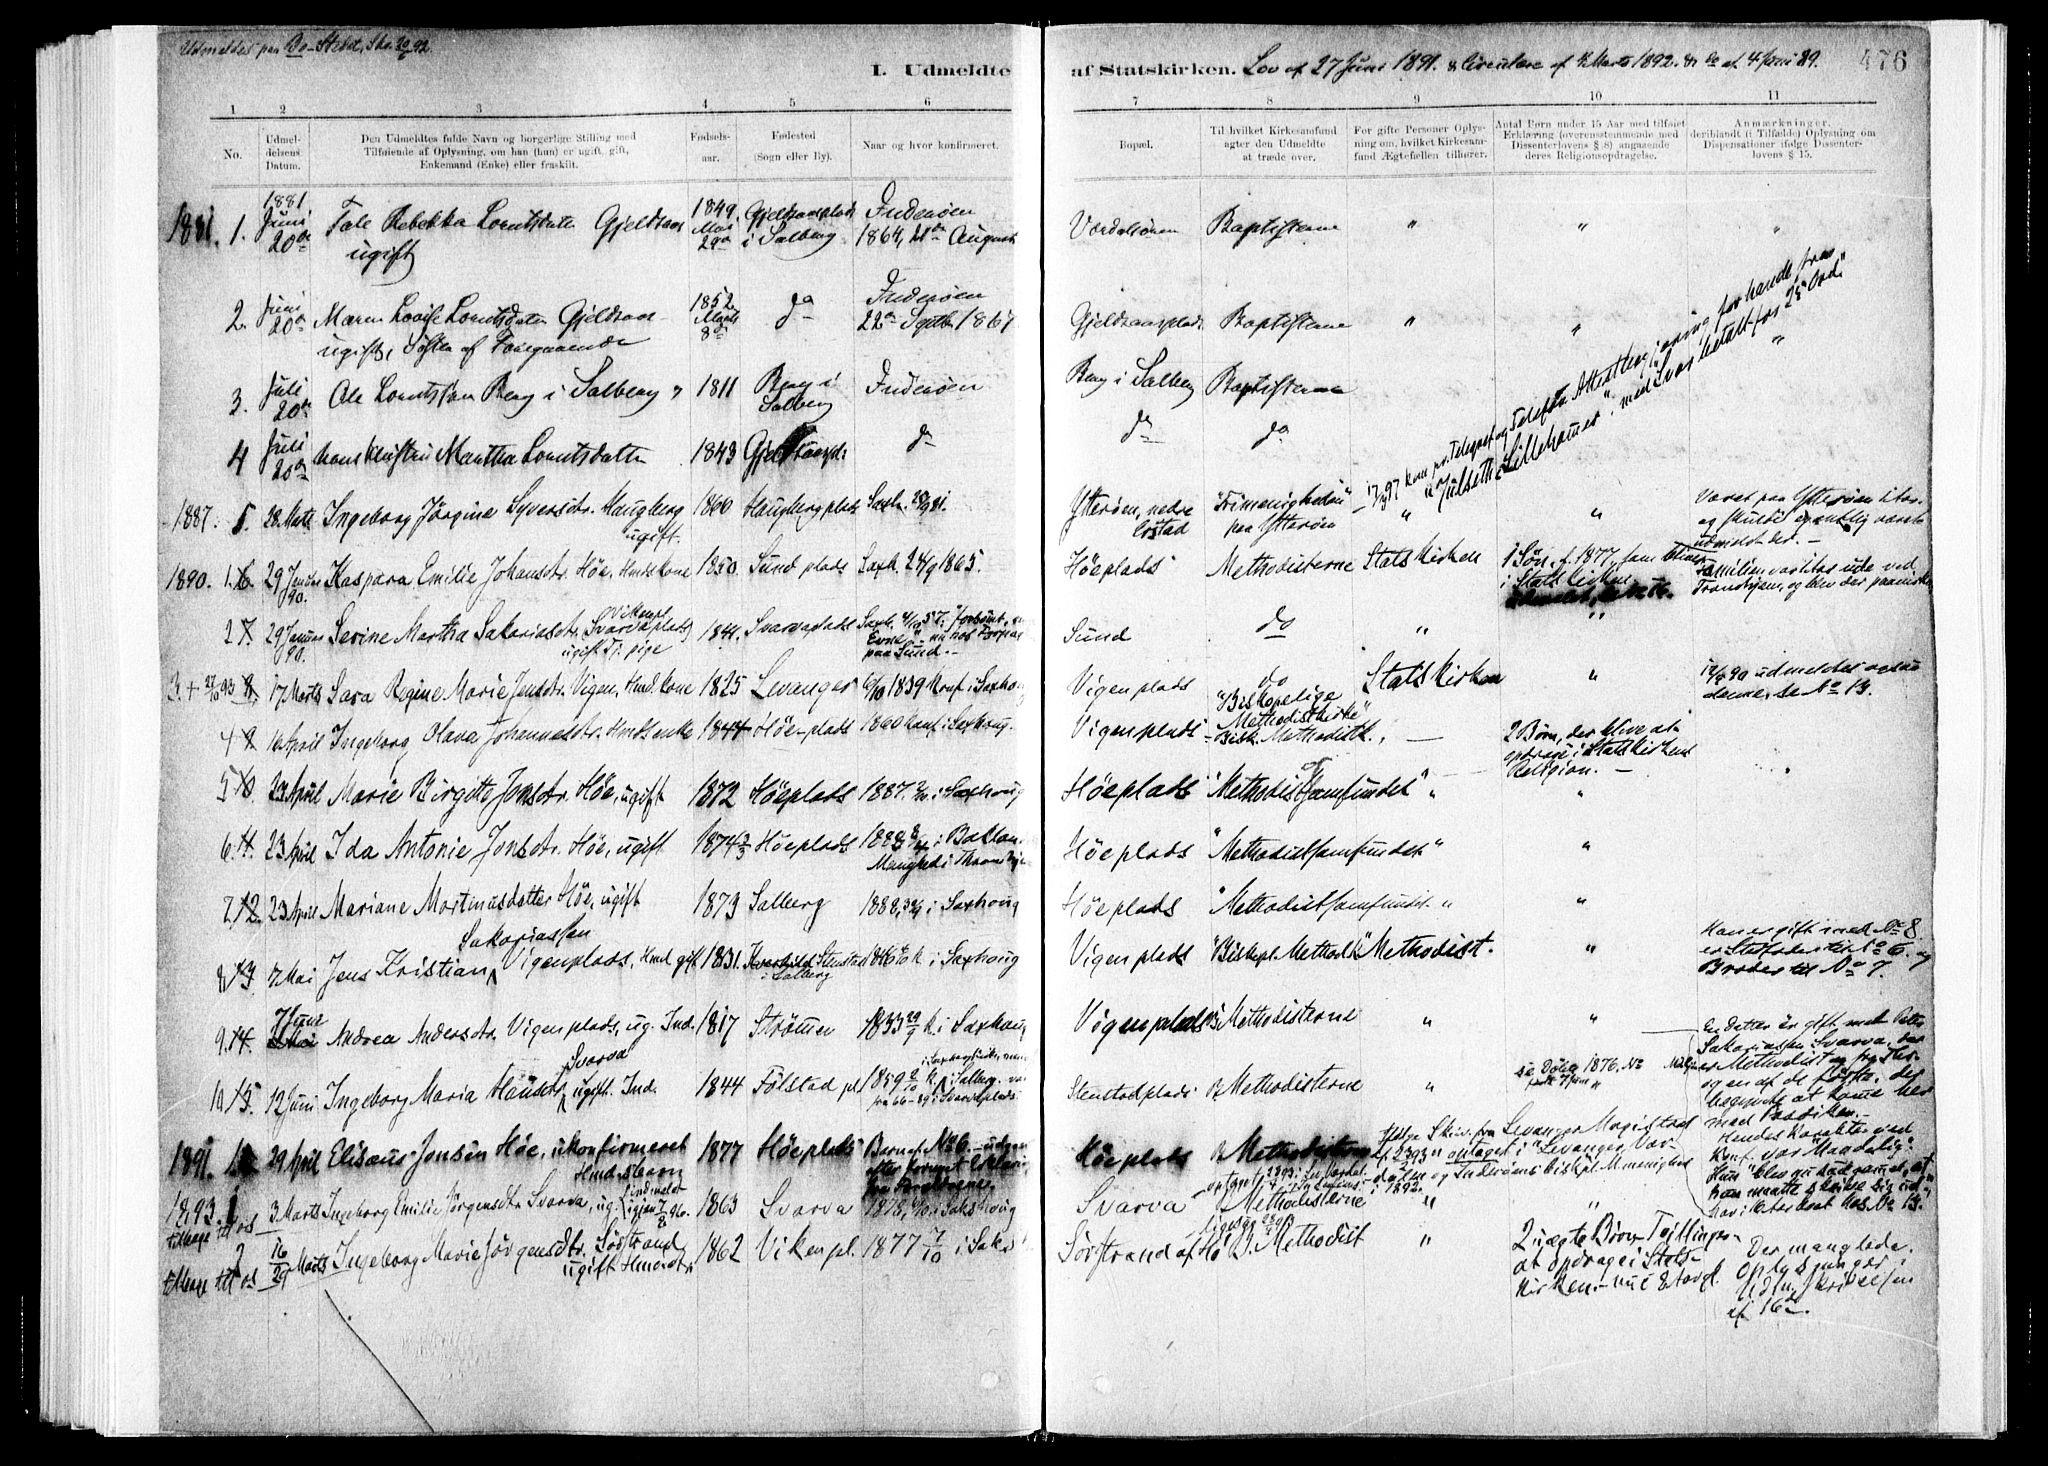 SAT, Ministerialprotokoller, klokkerbøker og fødselsregistre - Nord-Trøndelag, 730/L0285: Ministerialbok nr. 730A10, 1879-1914, s. 476